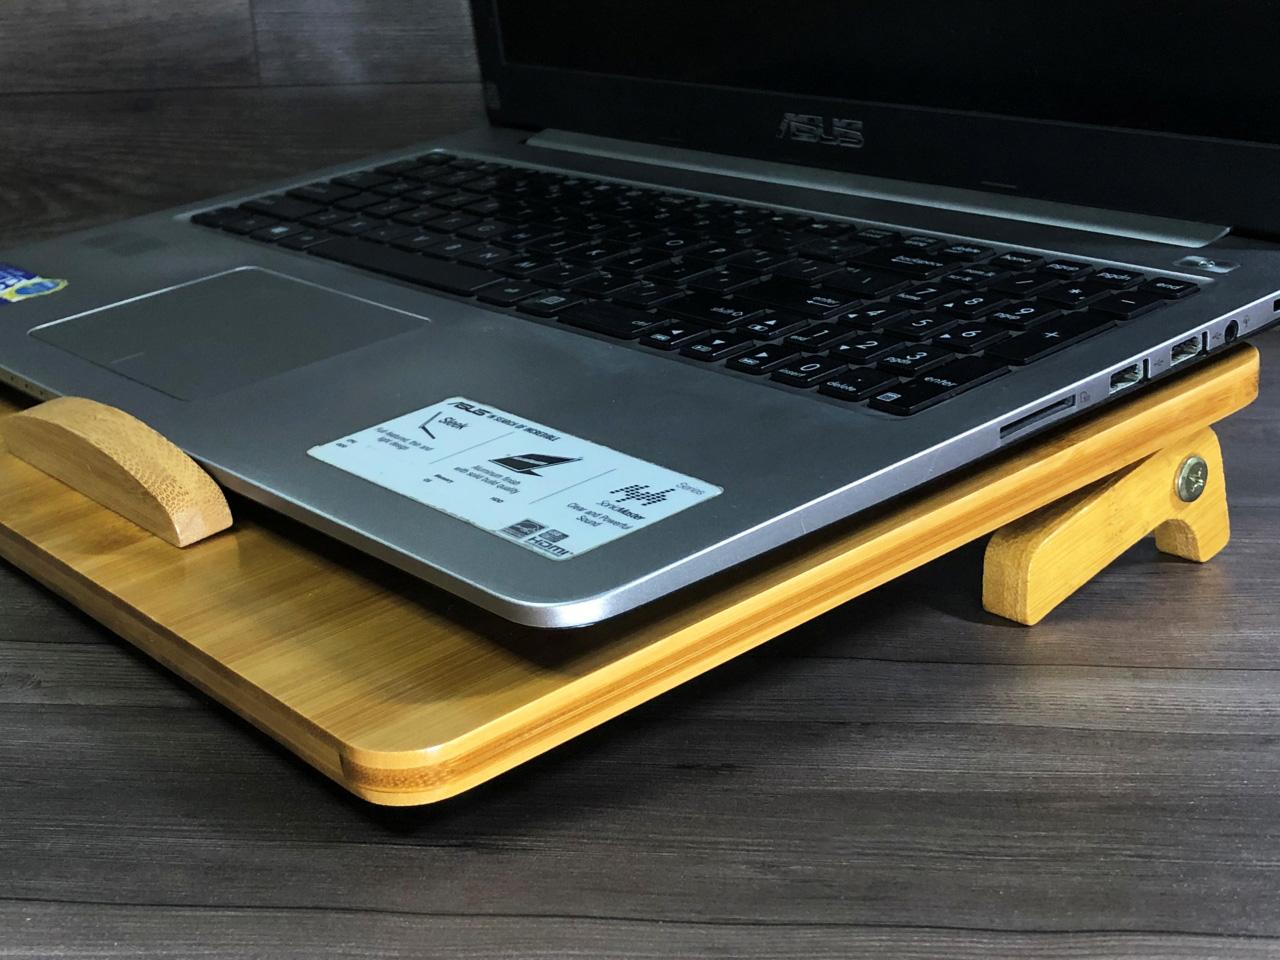 giá đỡ laptop gỗ điều chỉnh độ cao